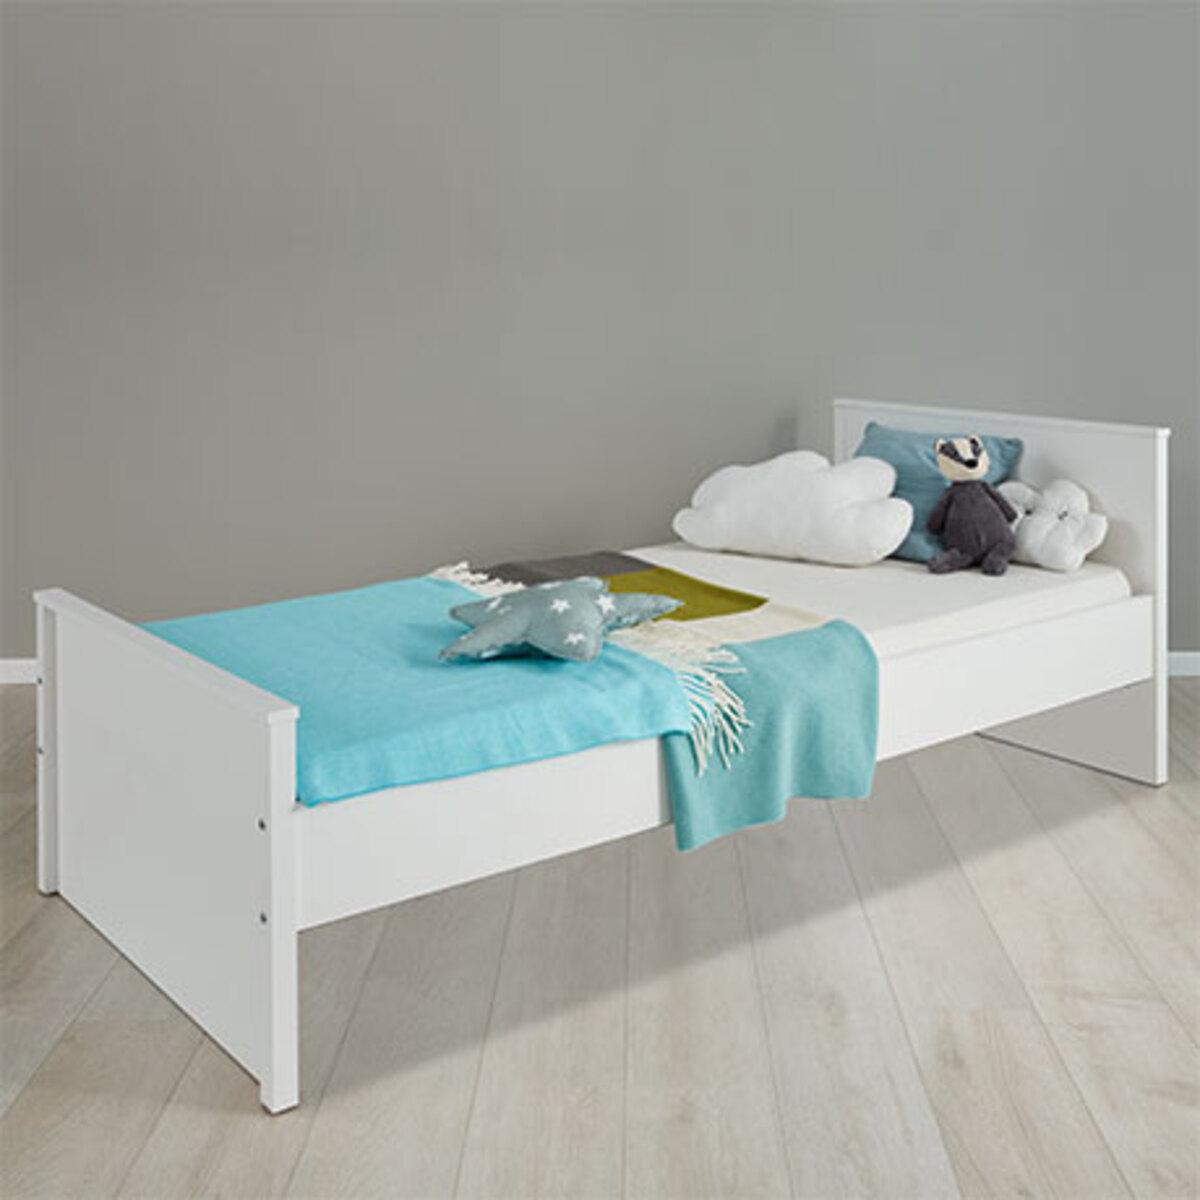 Bild 1 von Jugendzimmer-Bett Ole1